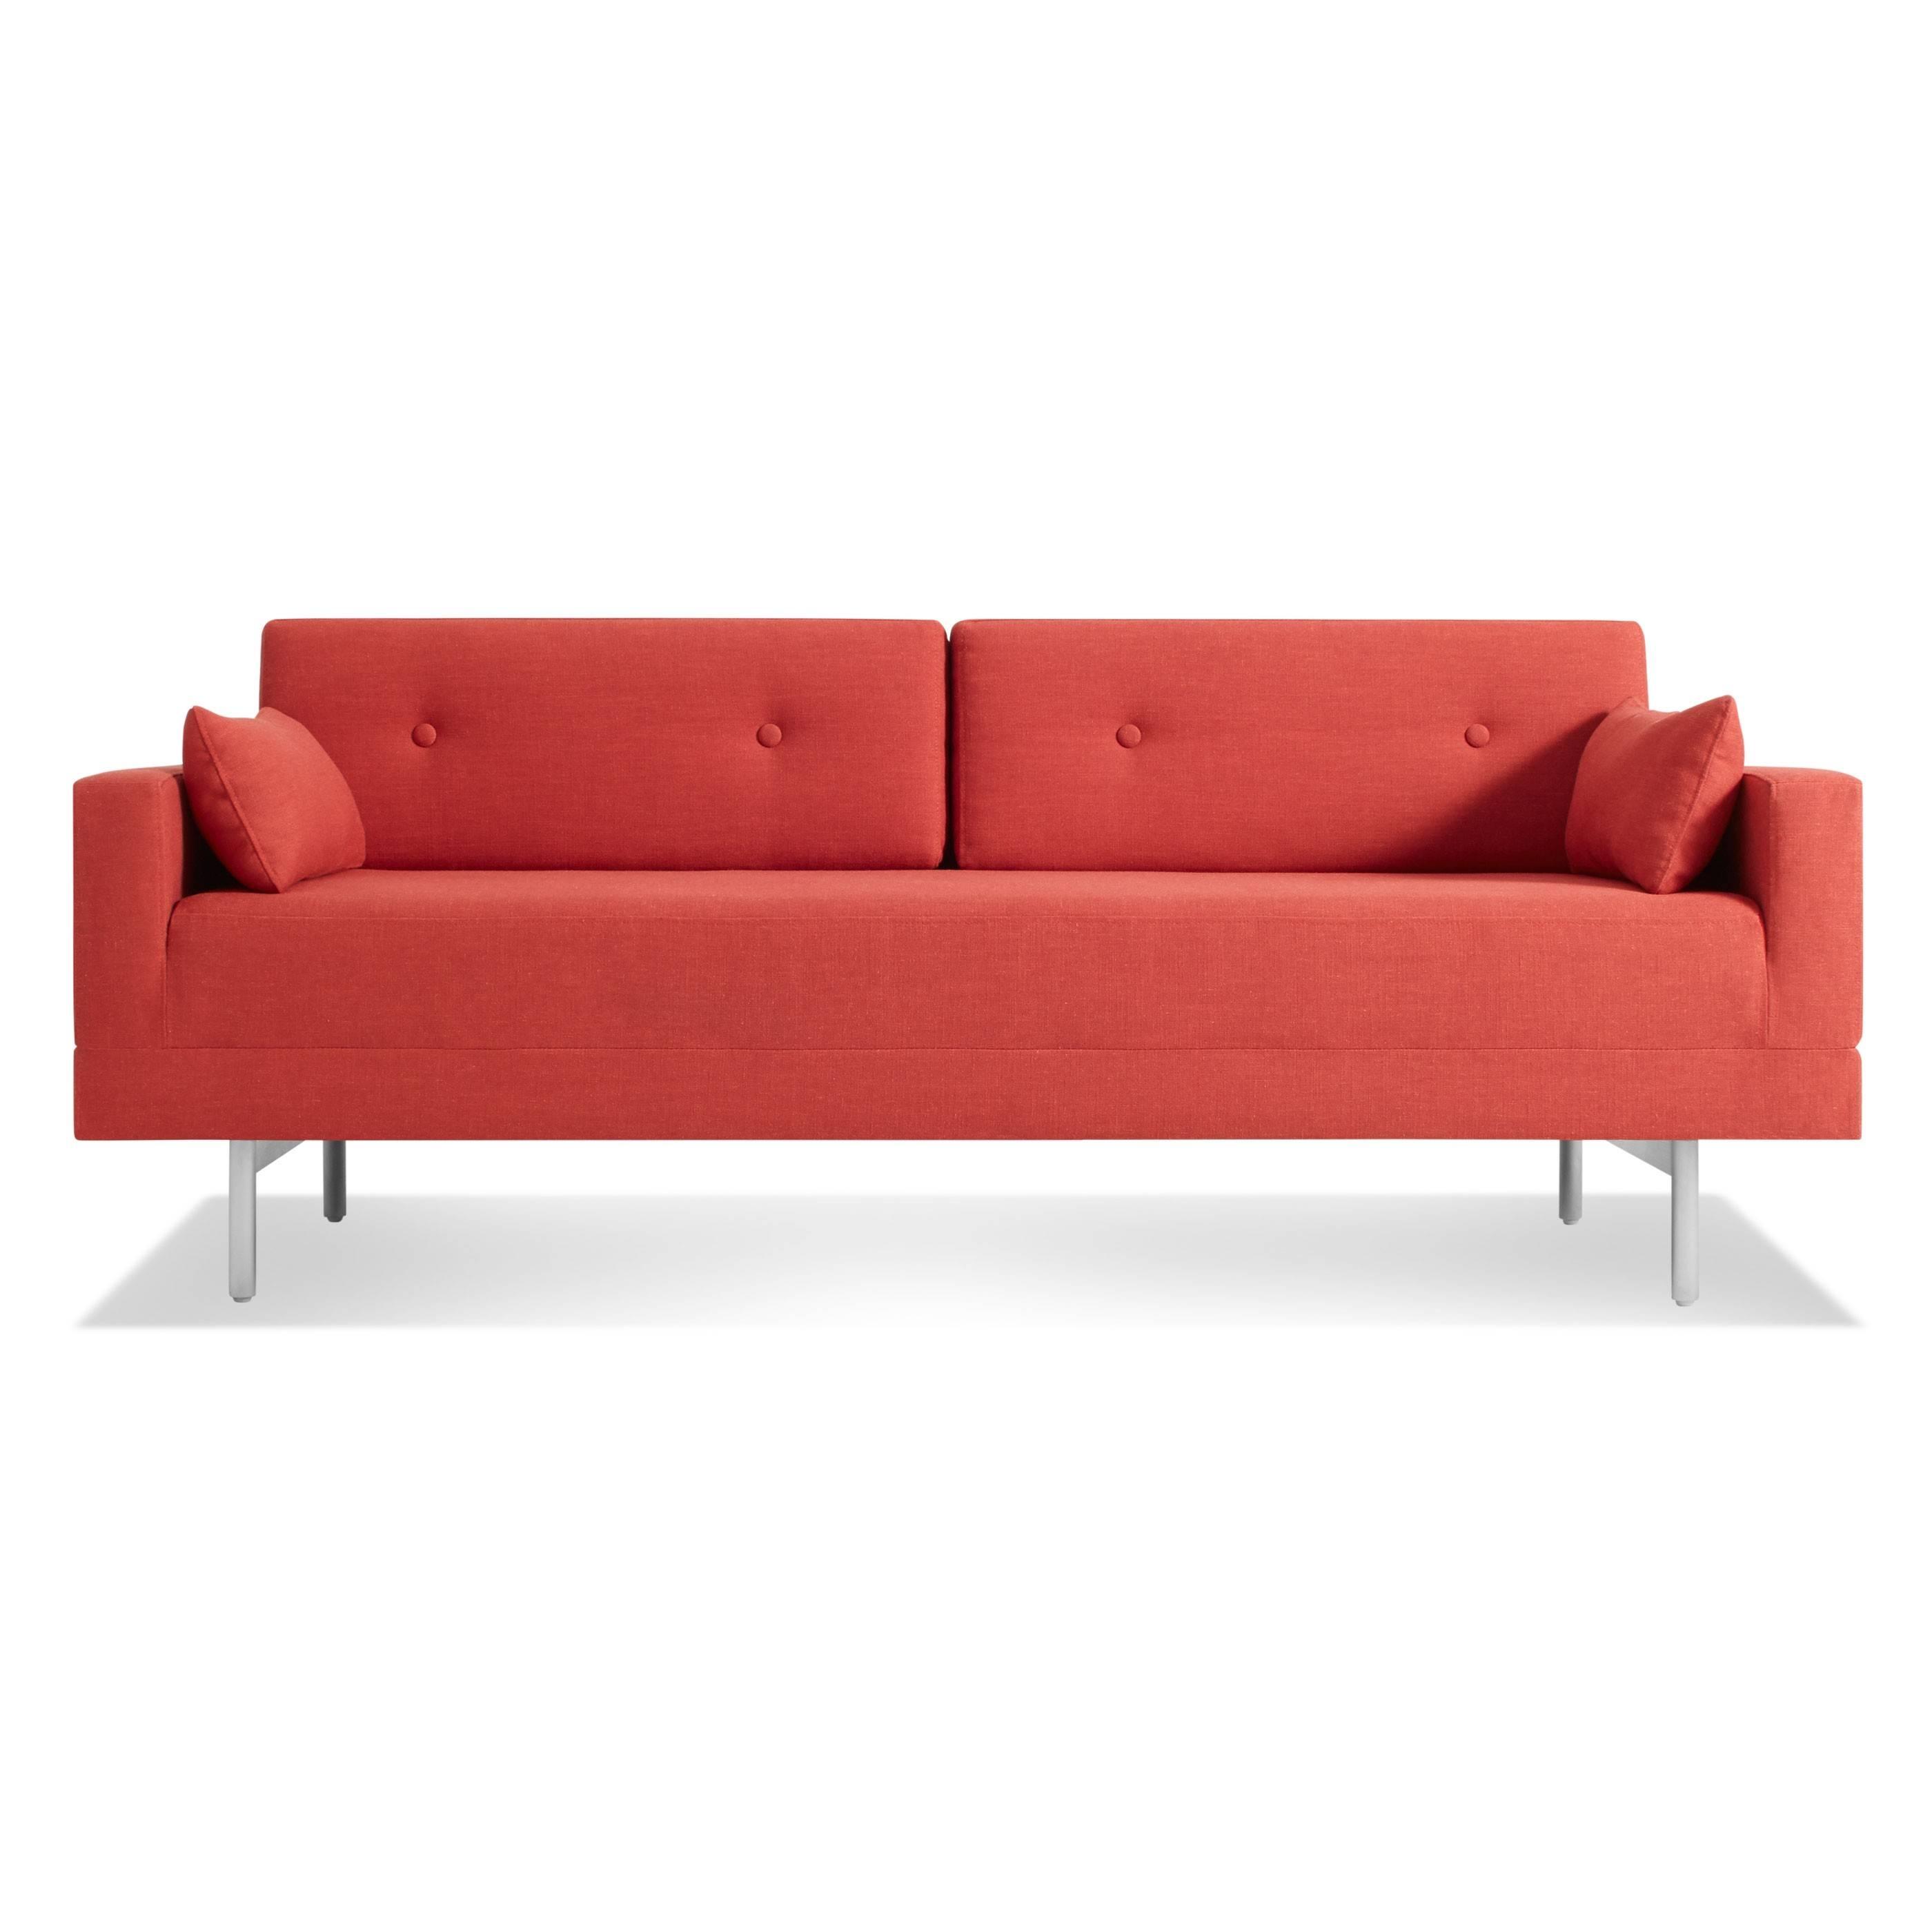 Sleeper Sofa - Diplomat Convertible Sofa | Blu Dot intended for Slipper Sofas (Image 5 of 15)